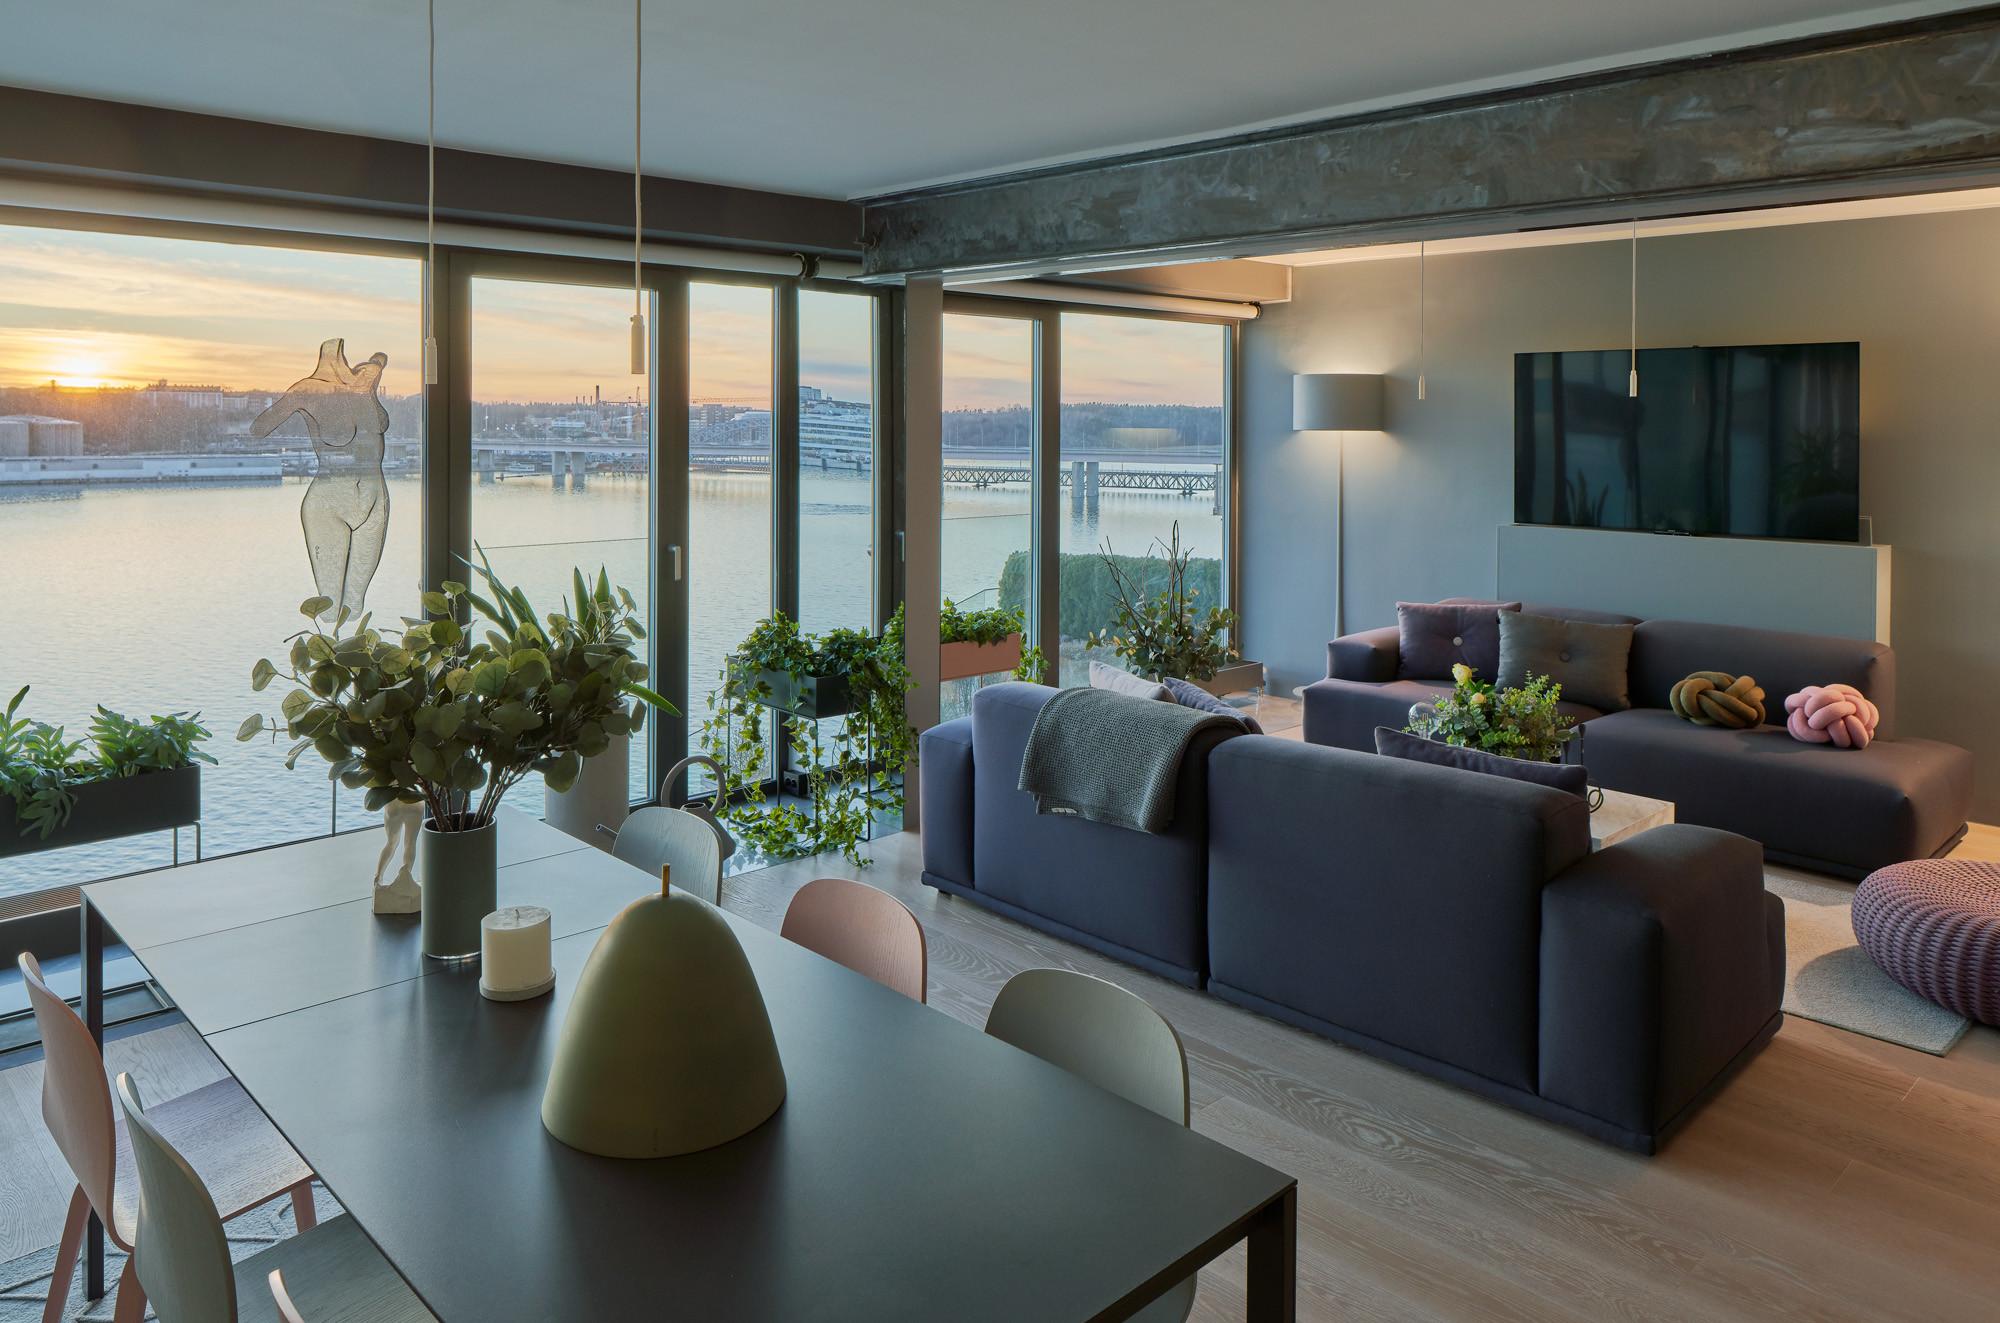 Modern lägenhet med sjöutsikt på Lidingö - Skeppsholmen Sotheby